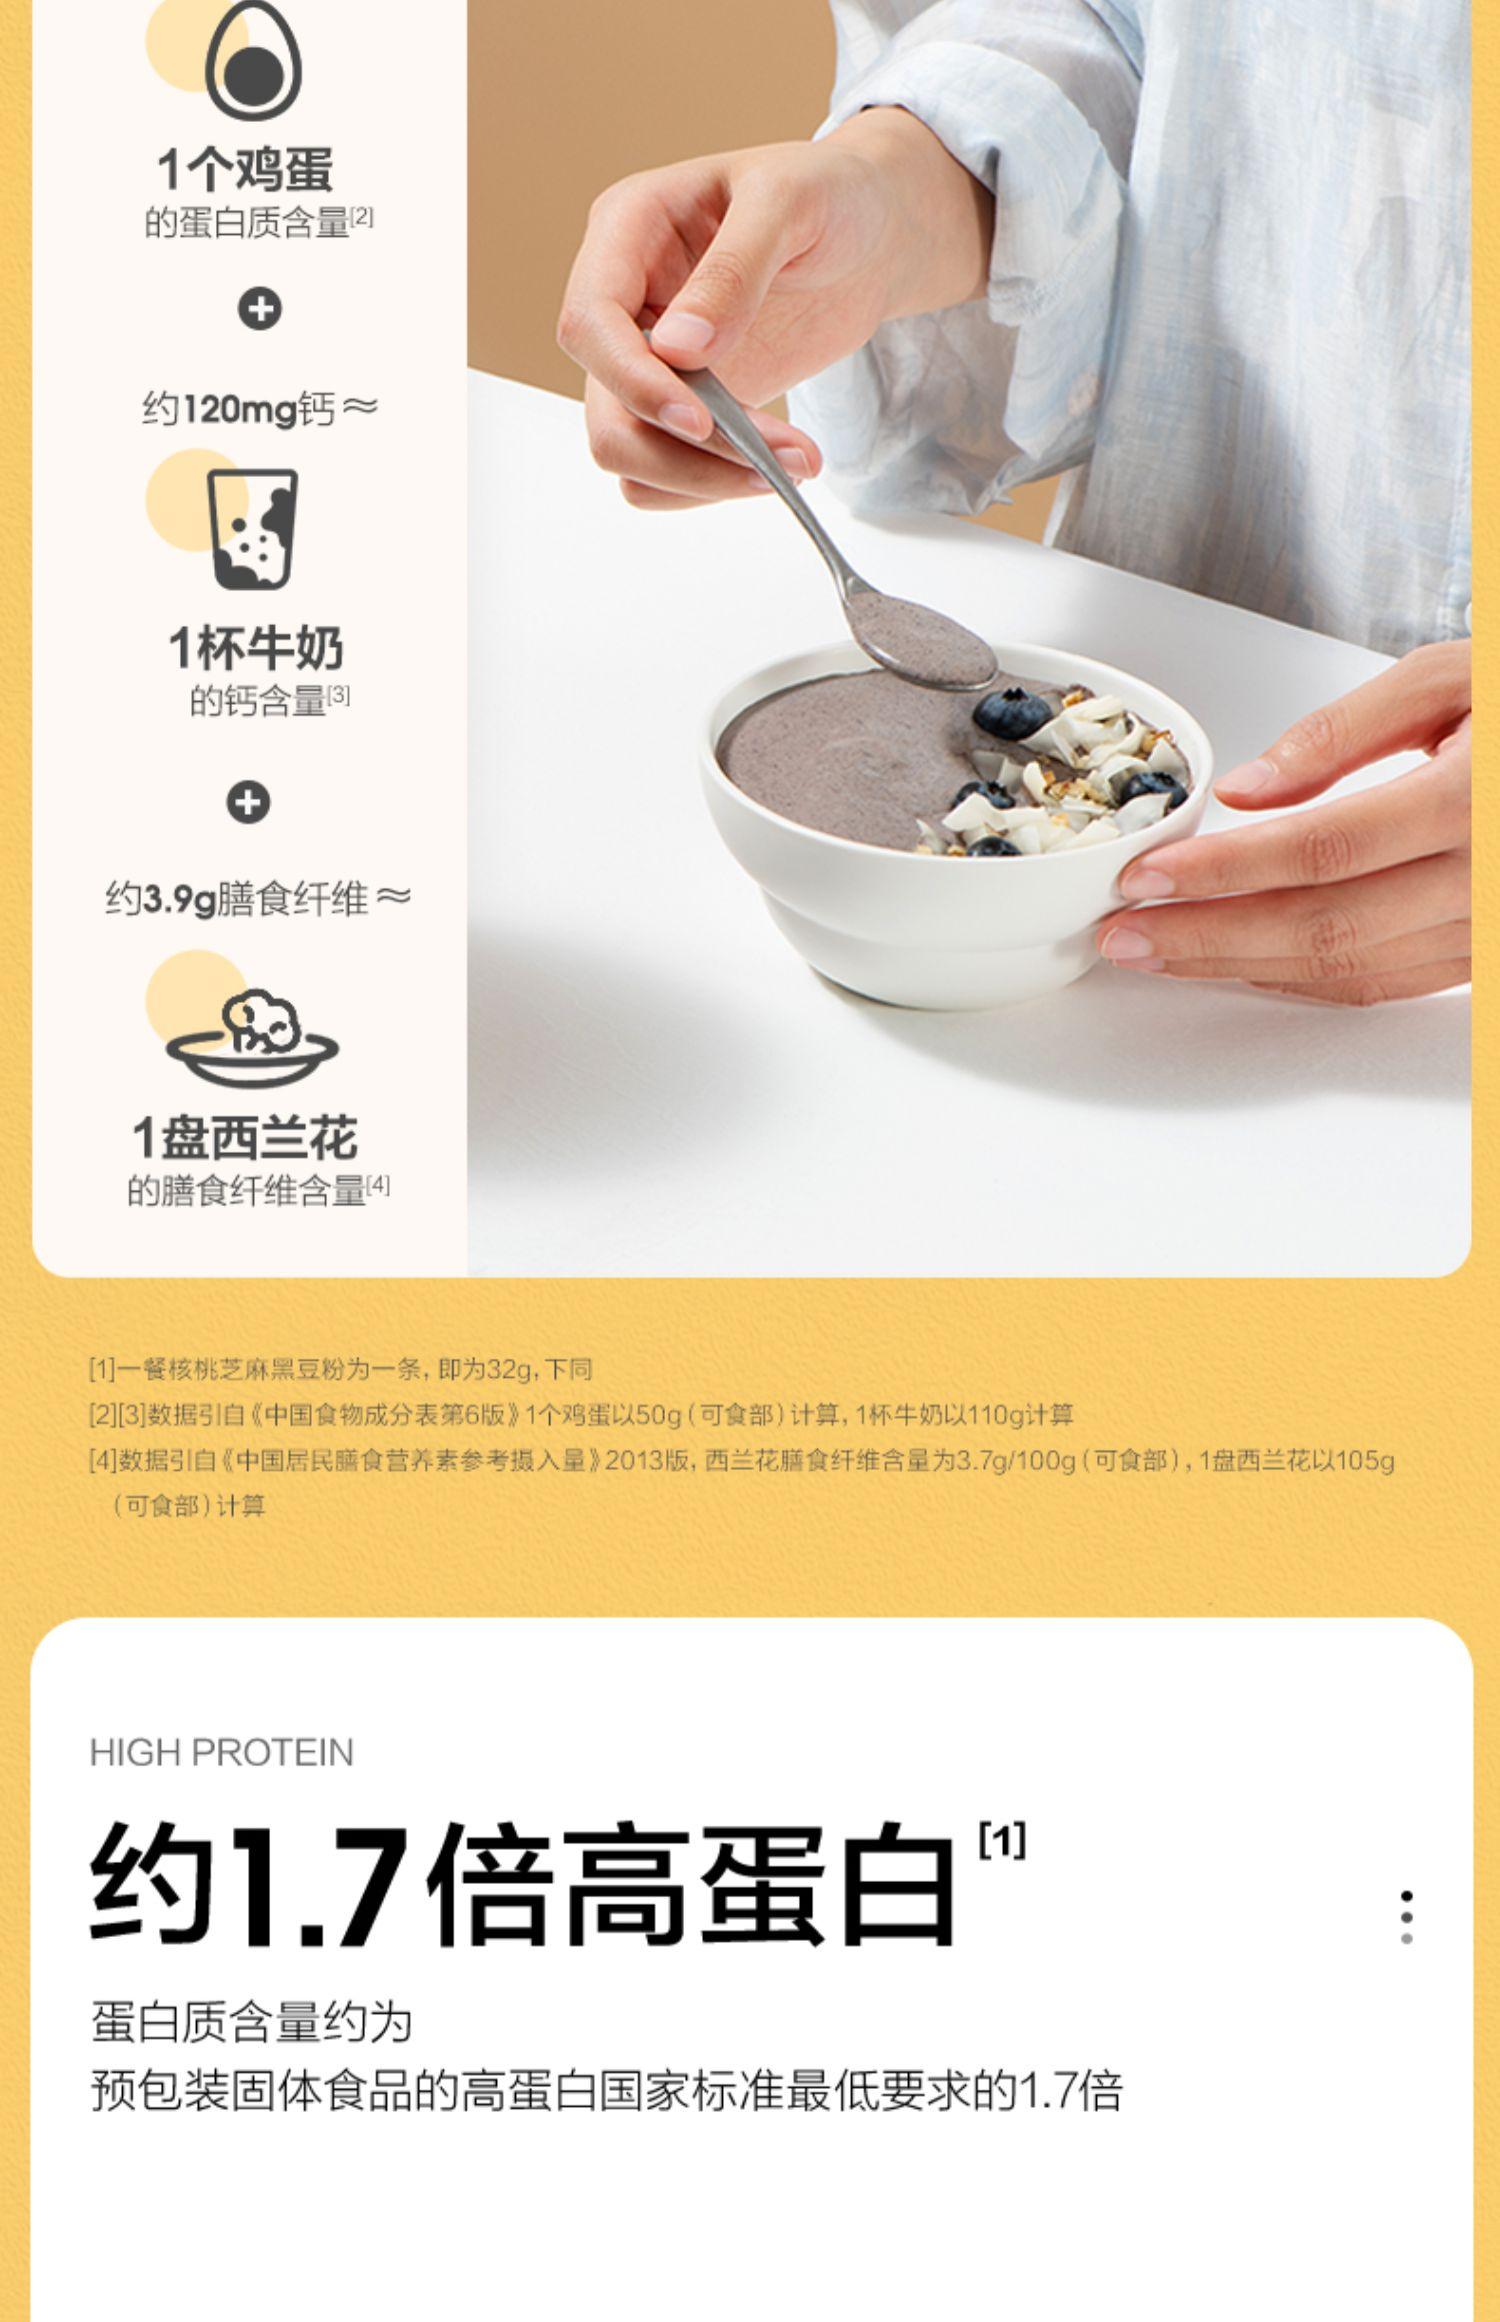 五谷磨房核桃芝麻黑豆粉512g